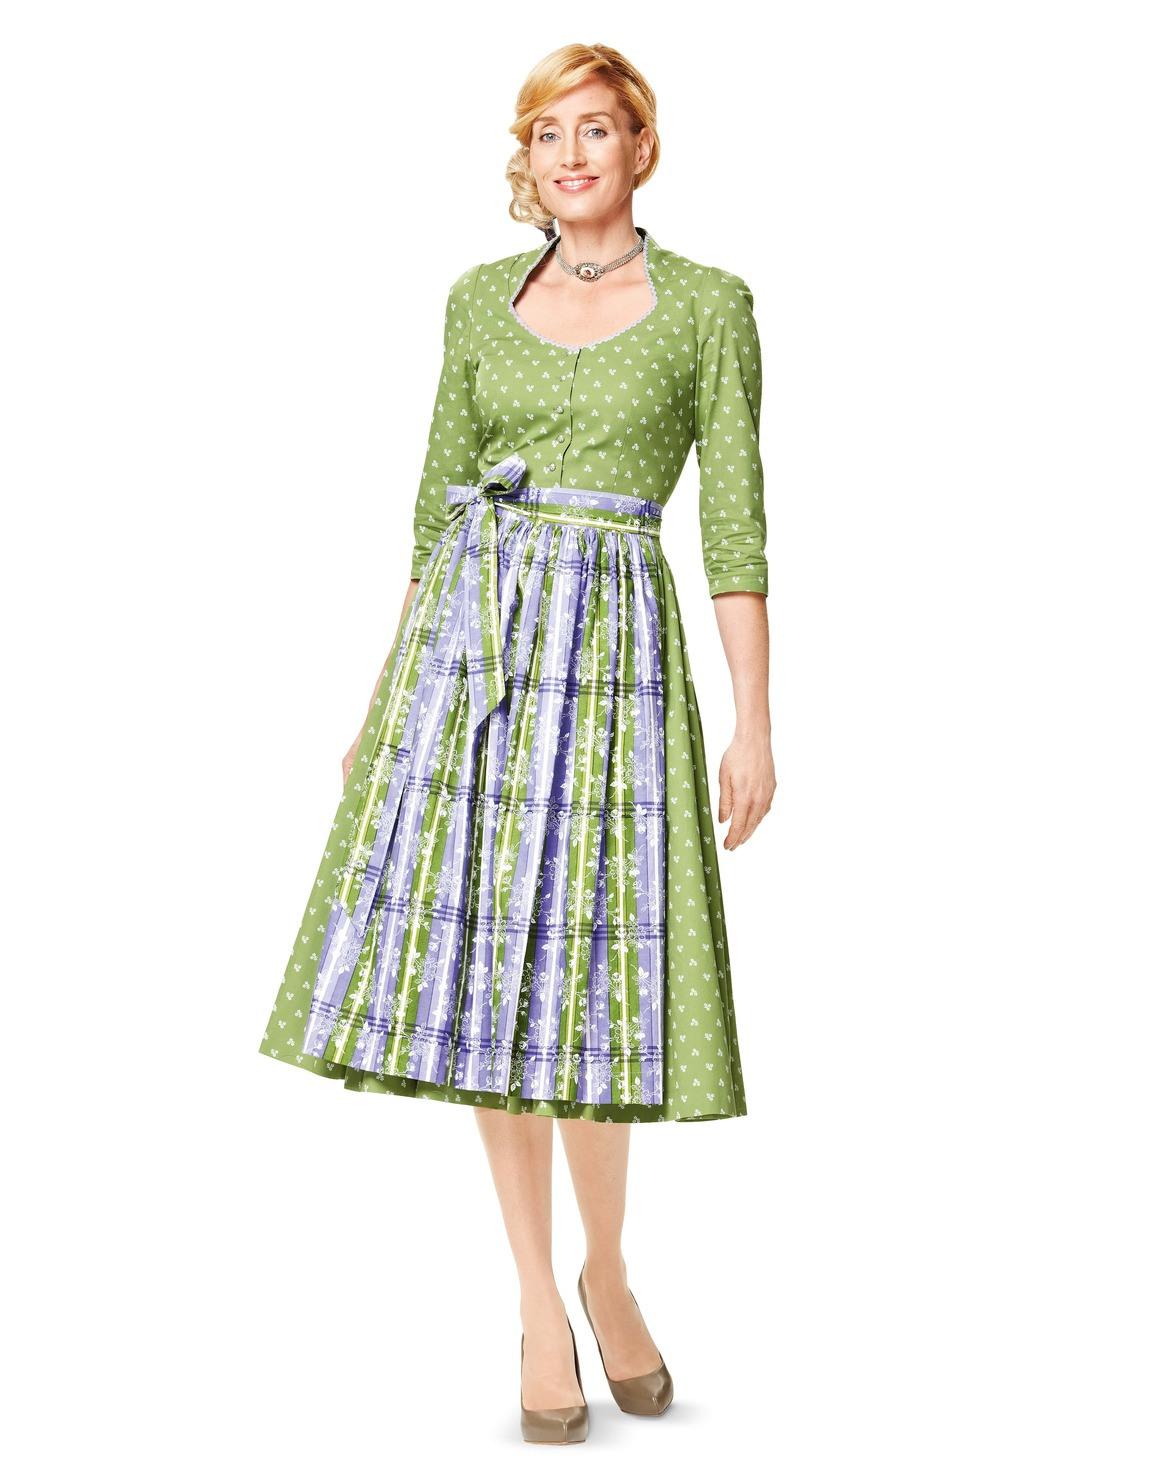 Abend Schön Kleid Kniebedeckt Ärmel Ausgezeichnet Kleid Kniebedeckt Vertrieb